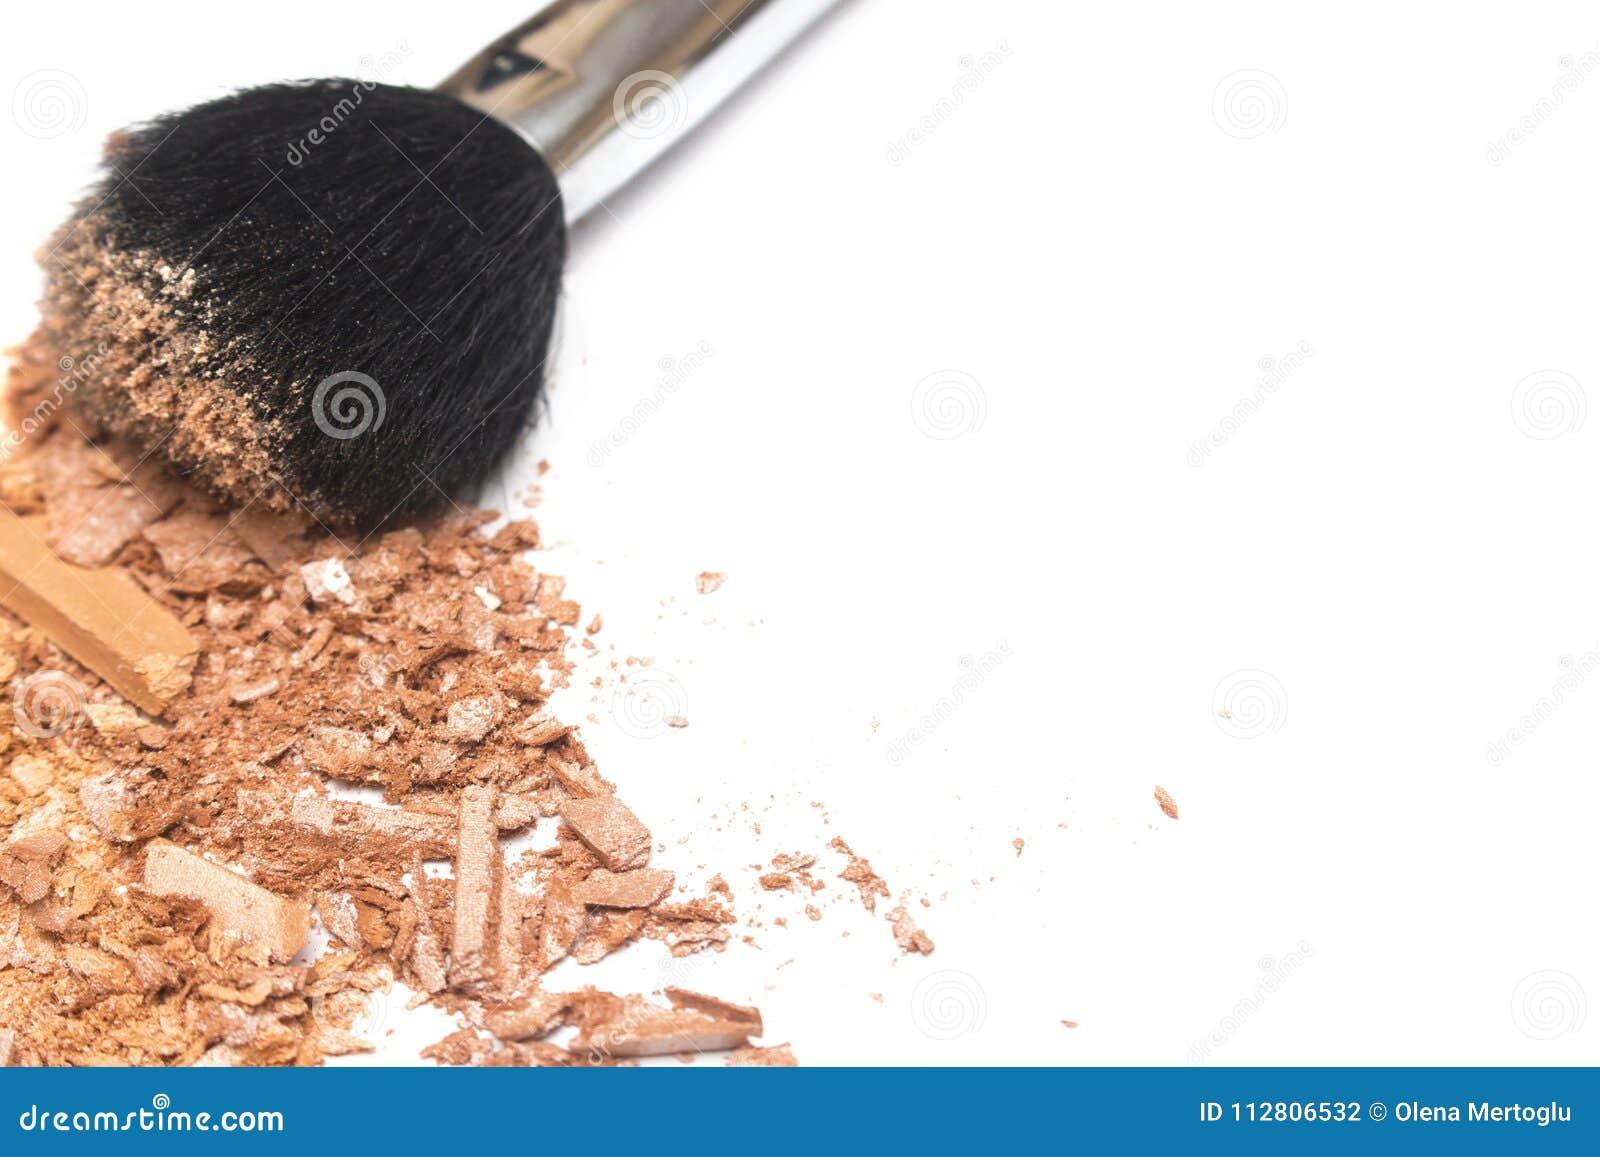 El bronzer machacado del polvo se ruboriza y pulveriza el cepillo en el fondo blanco